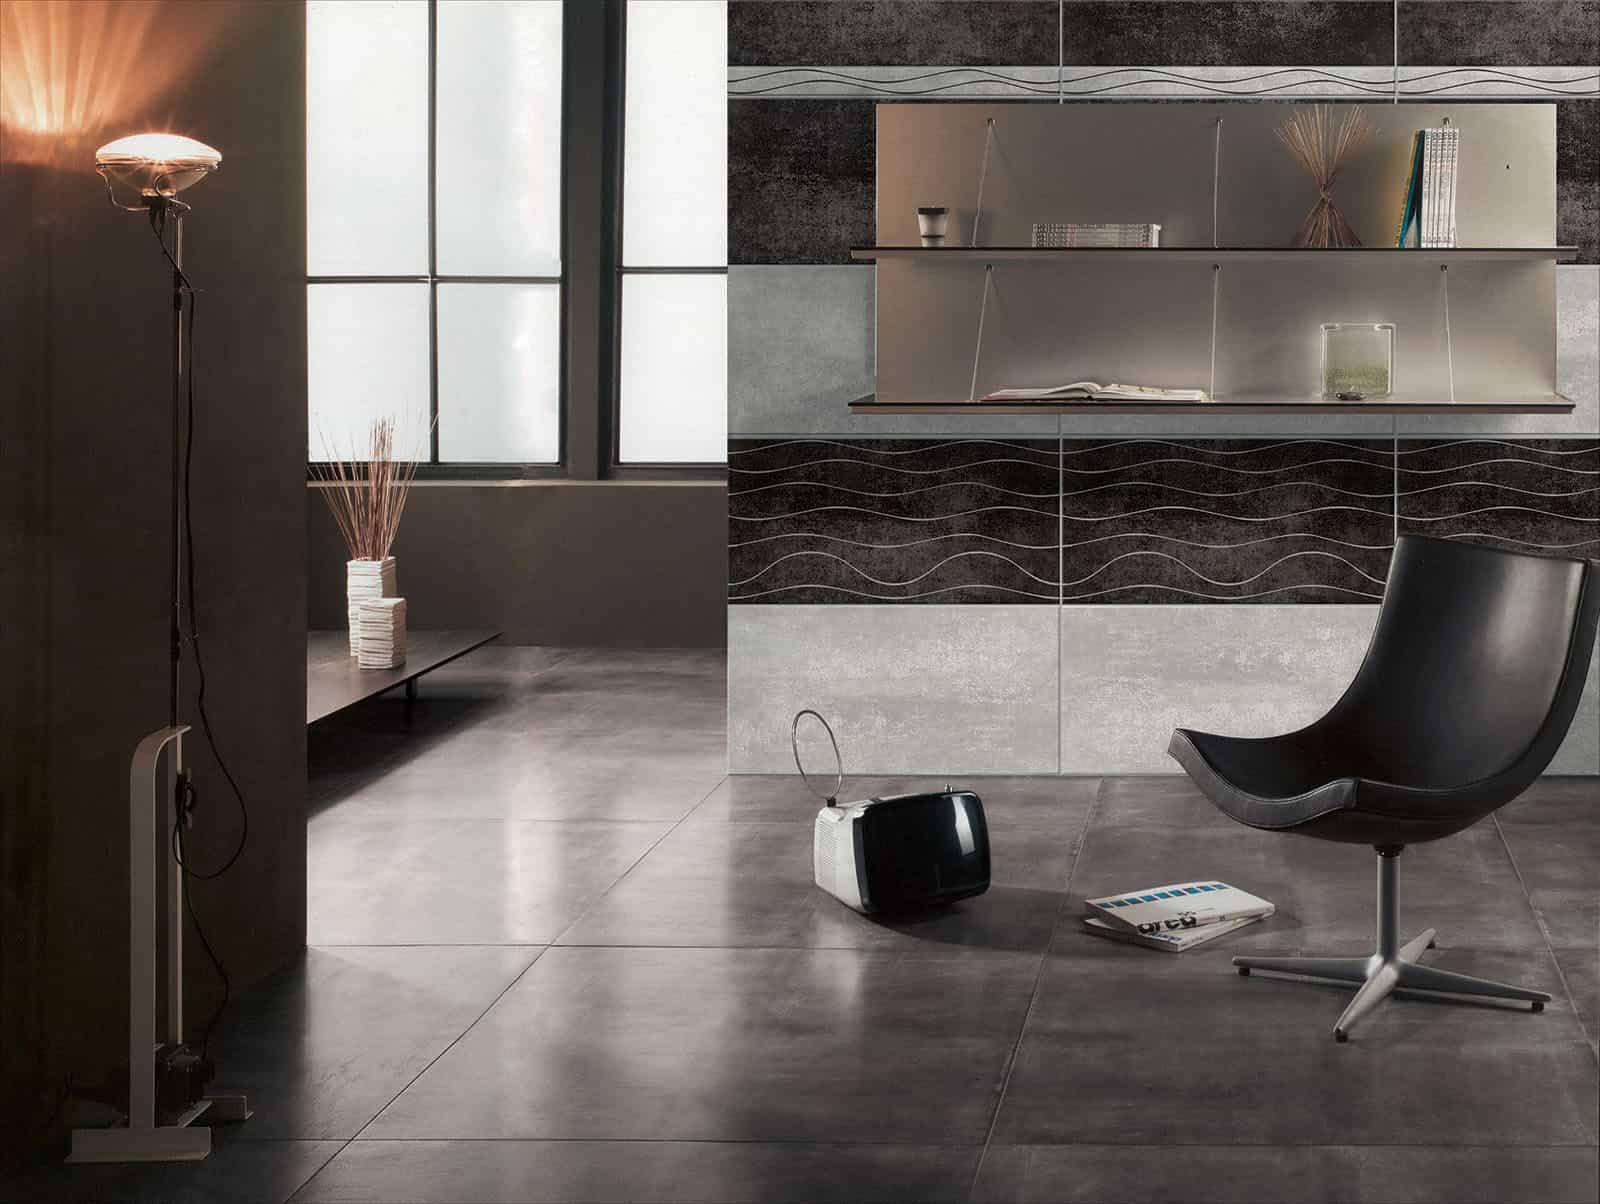 Pavimenti Effetto Legno Tortora : Serie bora pavimenti e rivestimenti armonie ceramiche